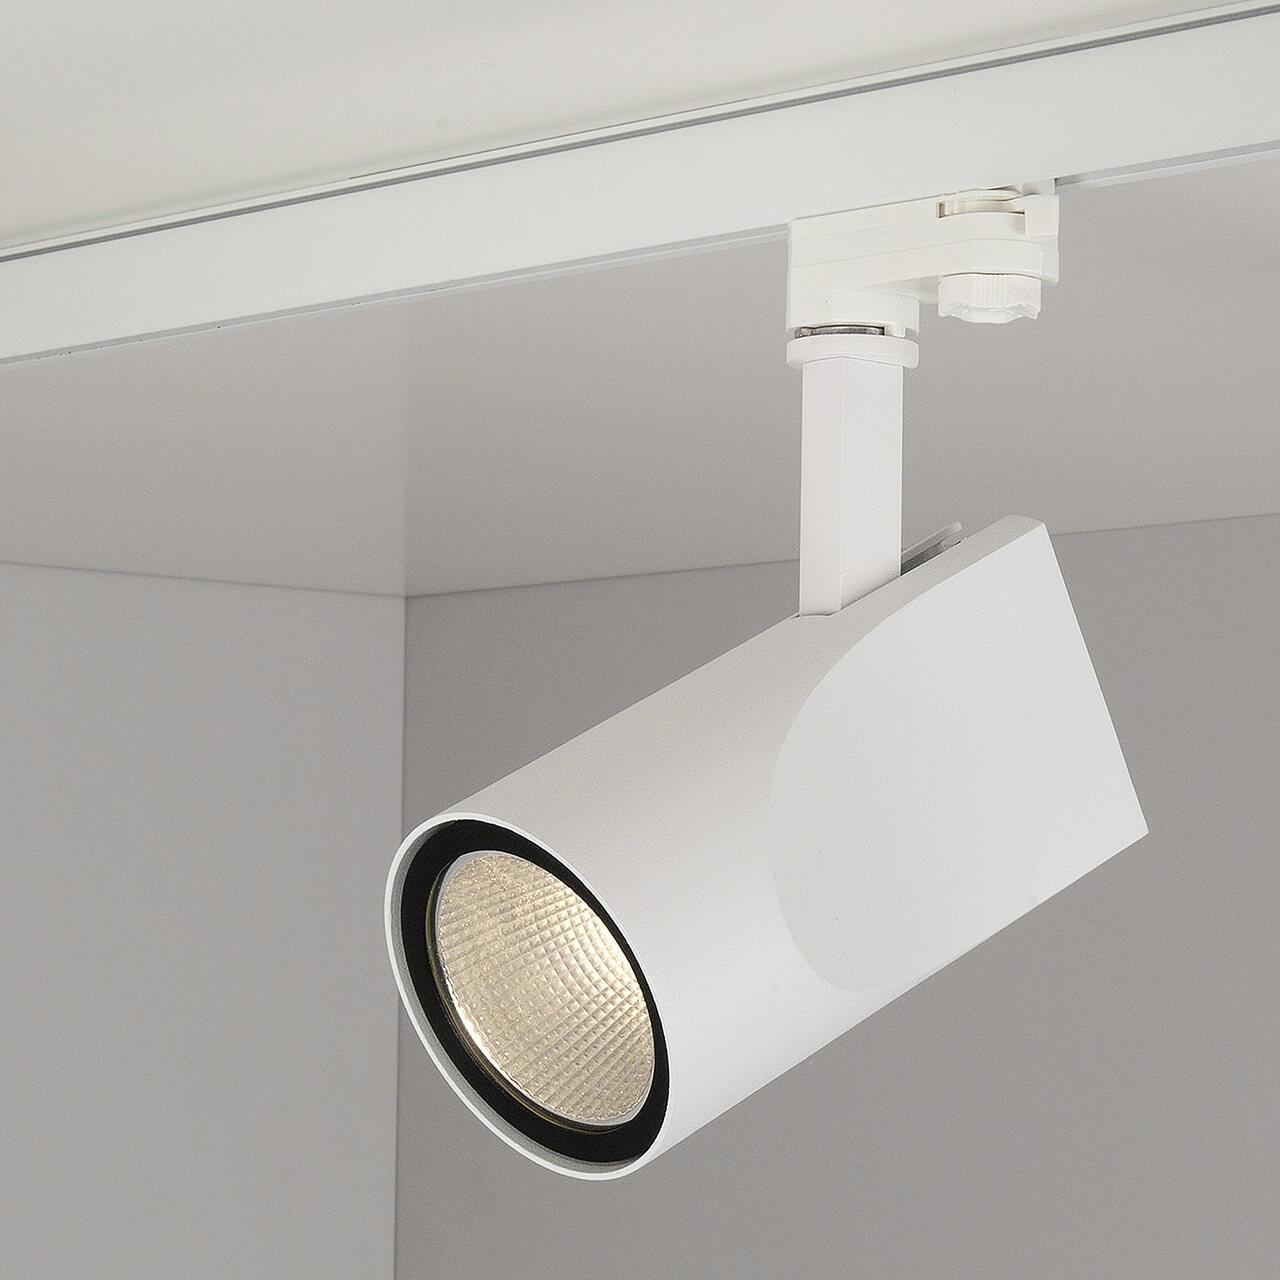 Трековый светодиодный светильник Elektrostandard Vista белый 32W 3300K 4690389111488 трековый светодиодный светильник elektrostandard accord 20w 3300k 4690389112188